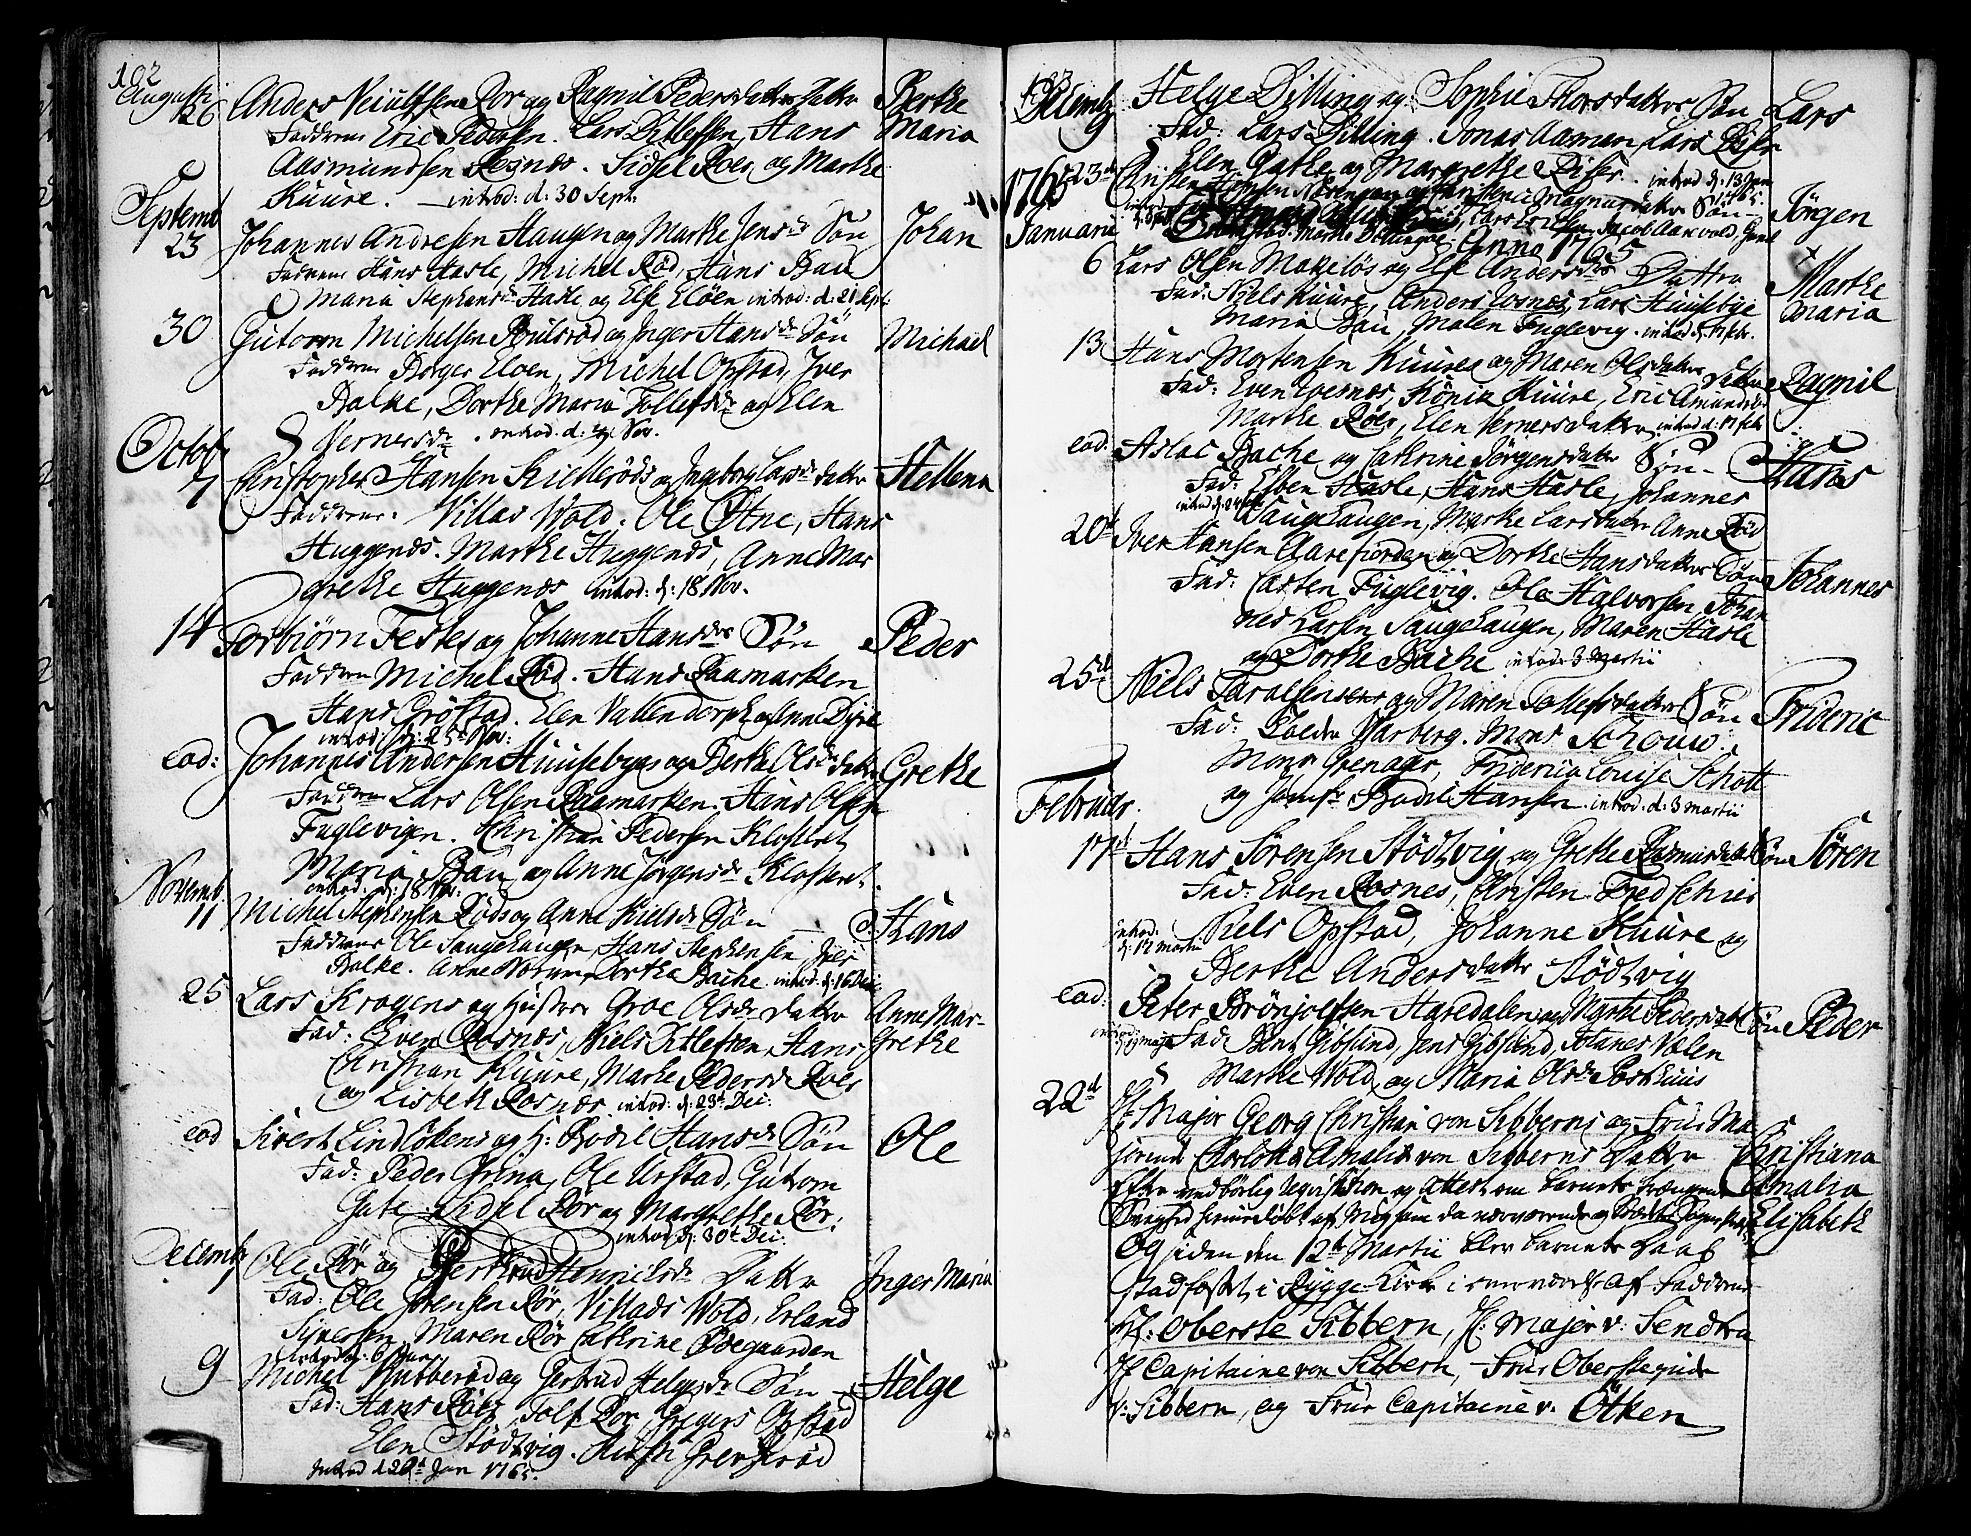 SAO, Rygge prestekontor Kirkebøker, F/Fa/L0001: Ministerialbok nr. 1, 1725-1771, s. 102-103